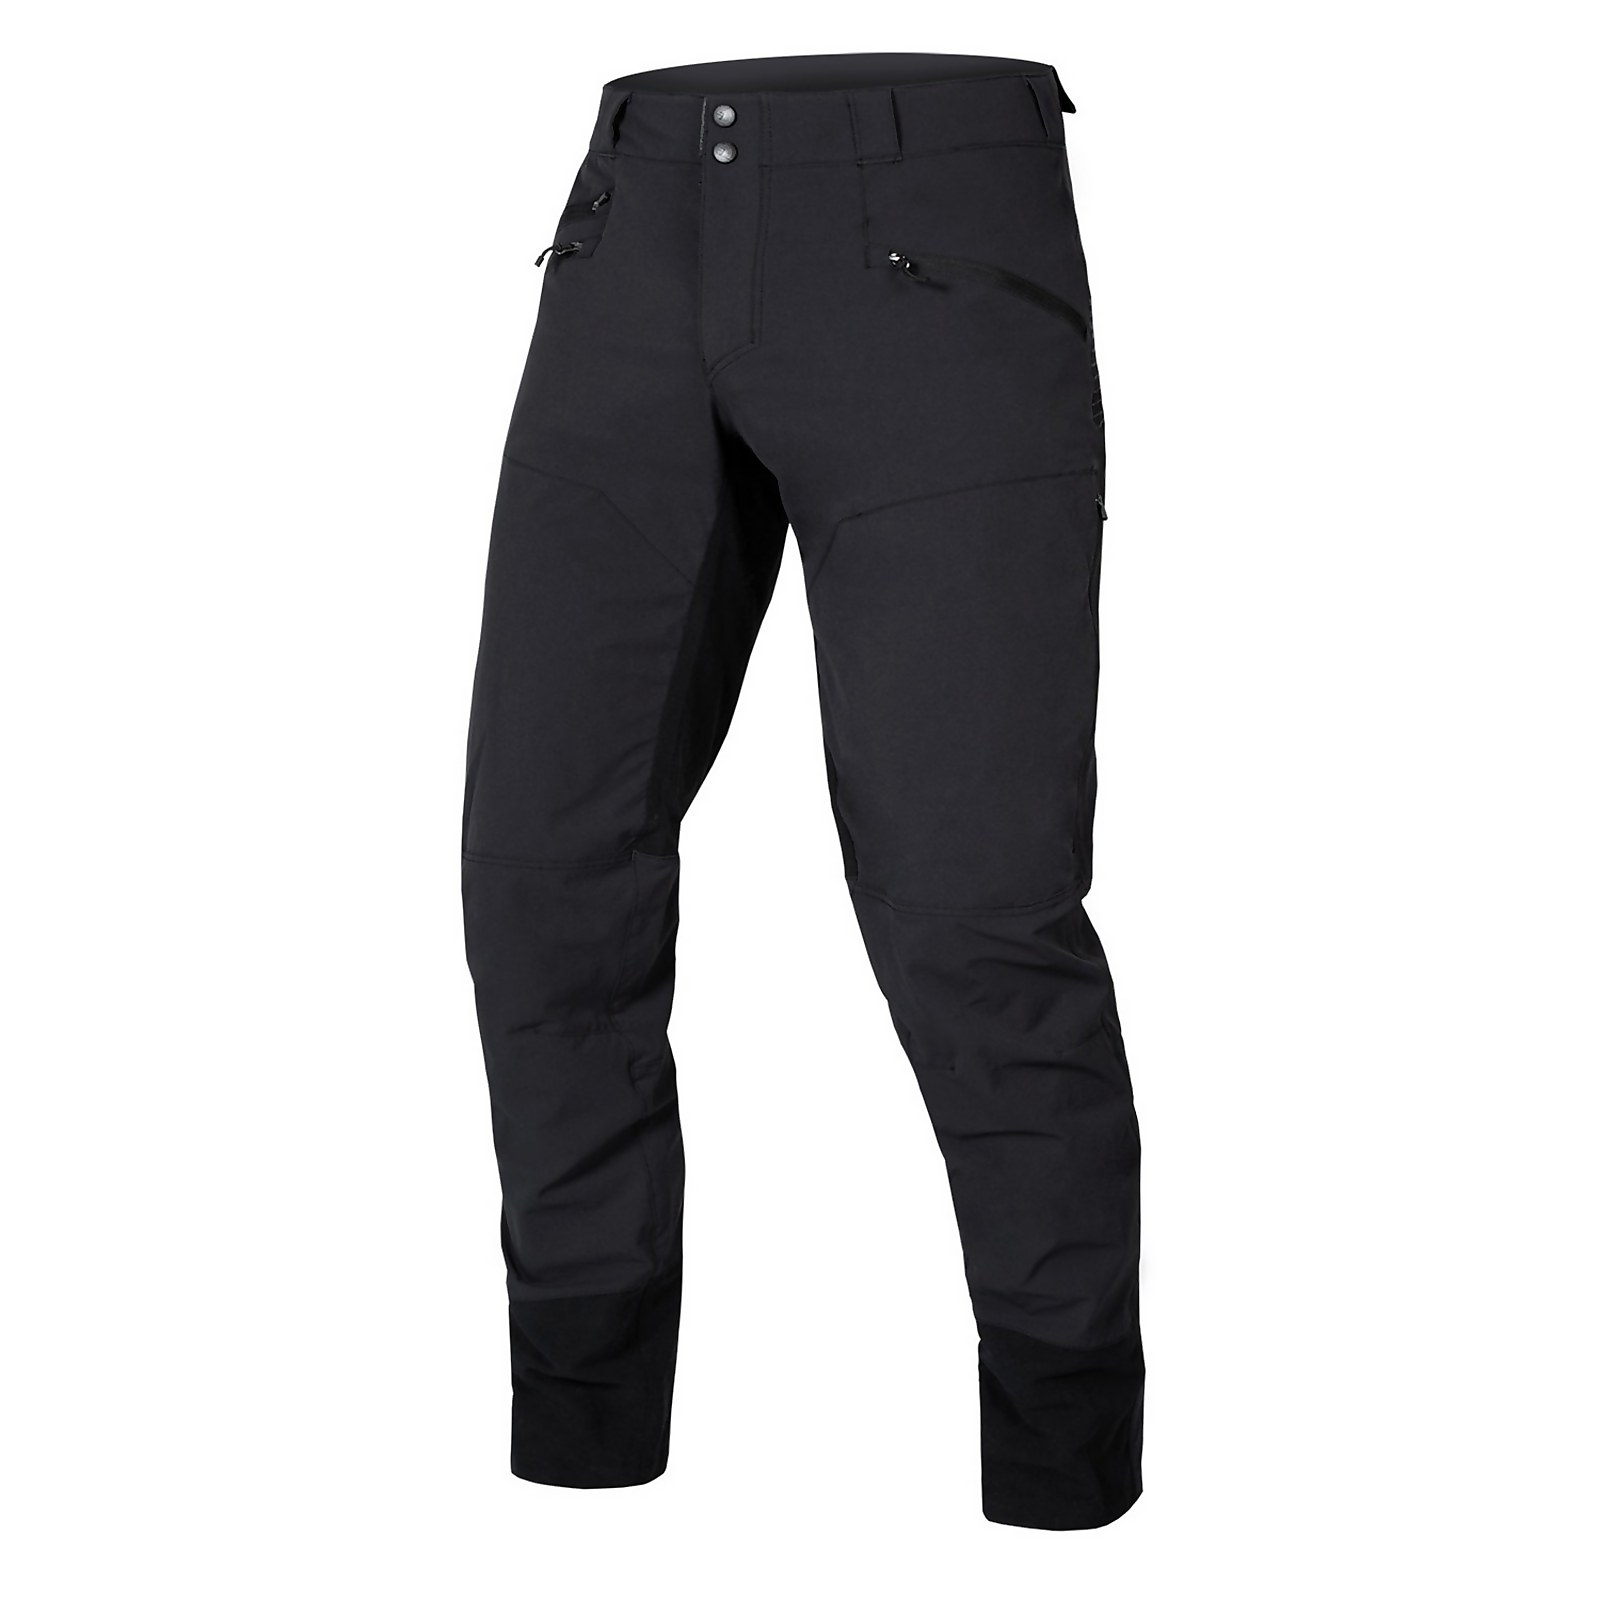 Singletrack Trouser Ii - Black - M